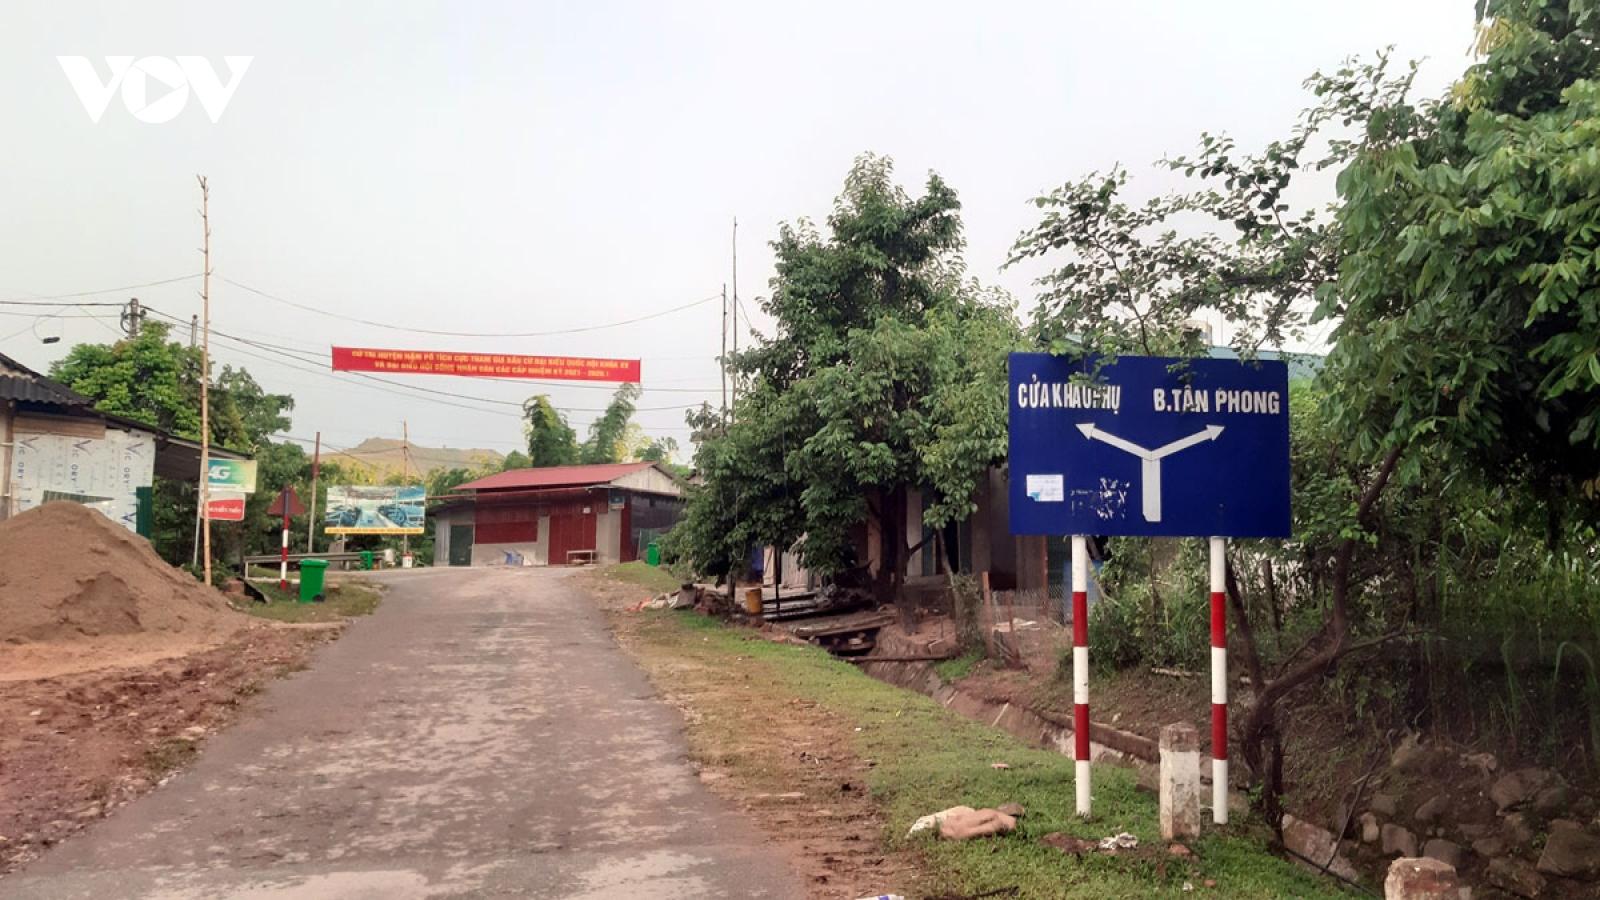 Sét đánh khiến 2 người thương vong tại Nậm Pồ (Điện Biên)